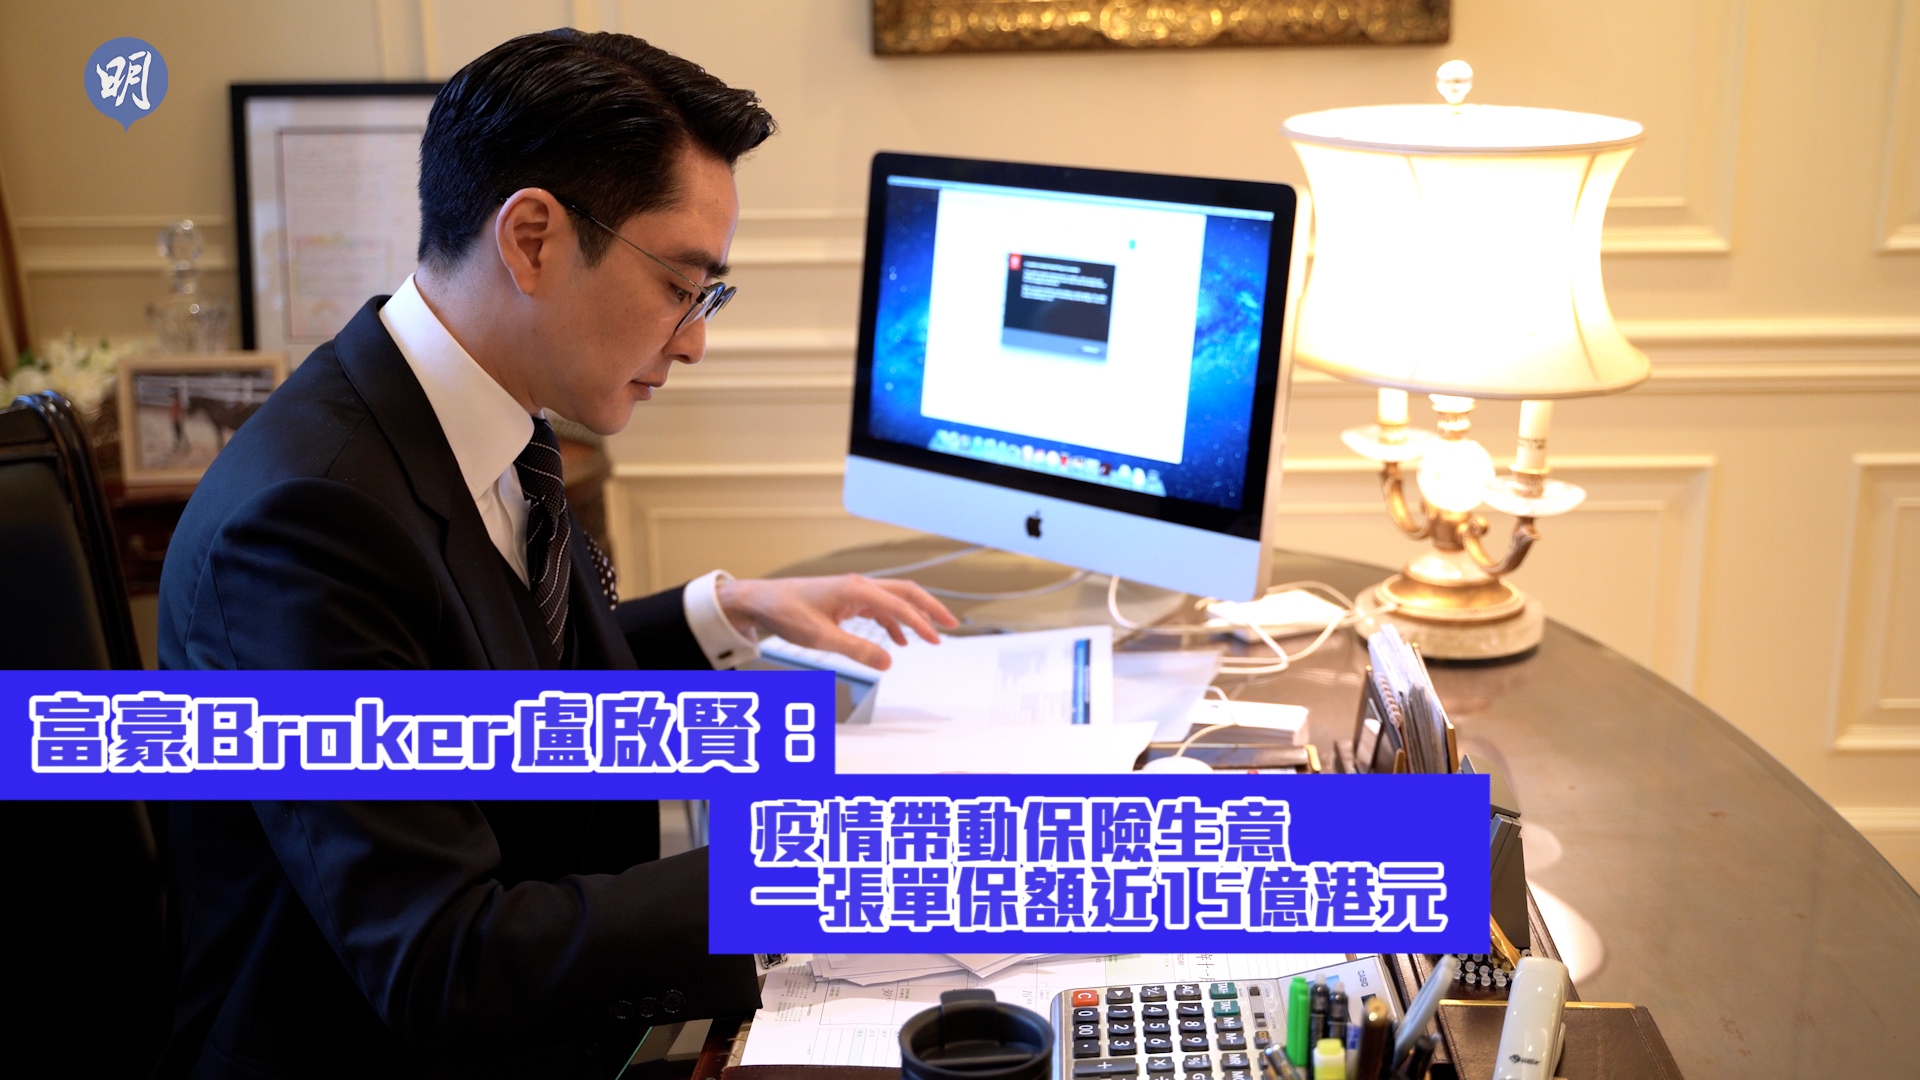 「富豪經紀」盧啟賢:疫情帶動保險生意  年輕富豪投保量大增  日人豪購保單值1.9億美元